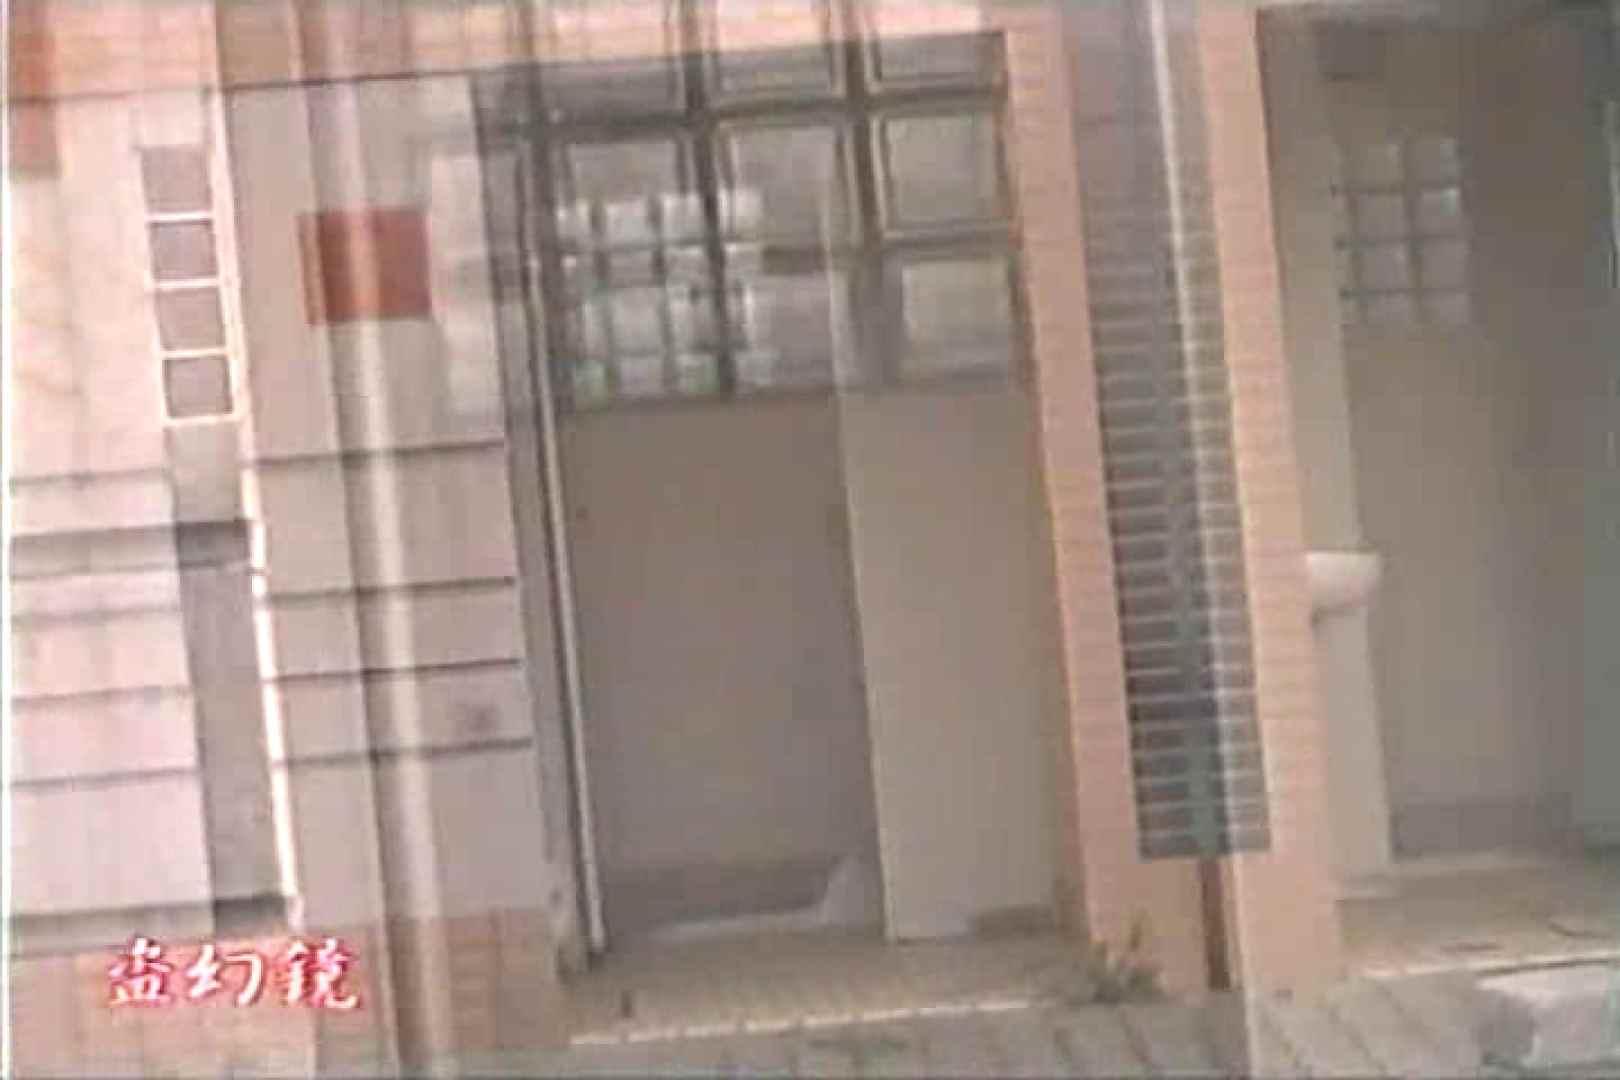 朝採り!快便臨海洗面所SFX-① 肛門  68枚 4